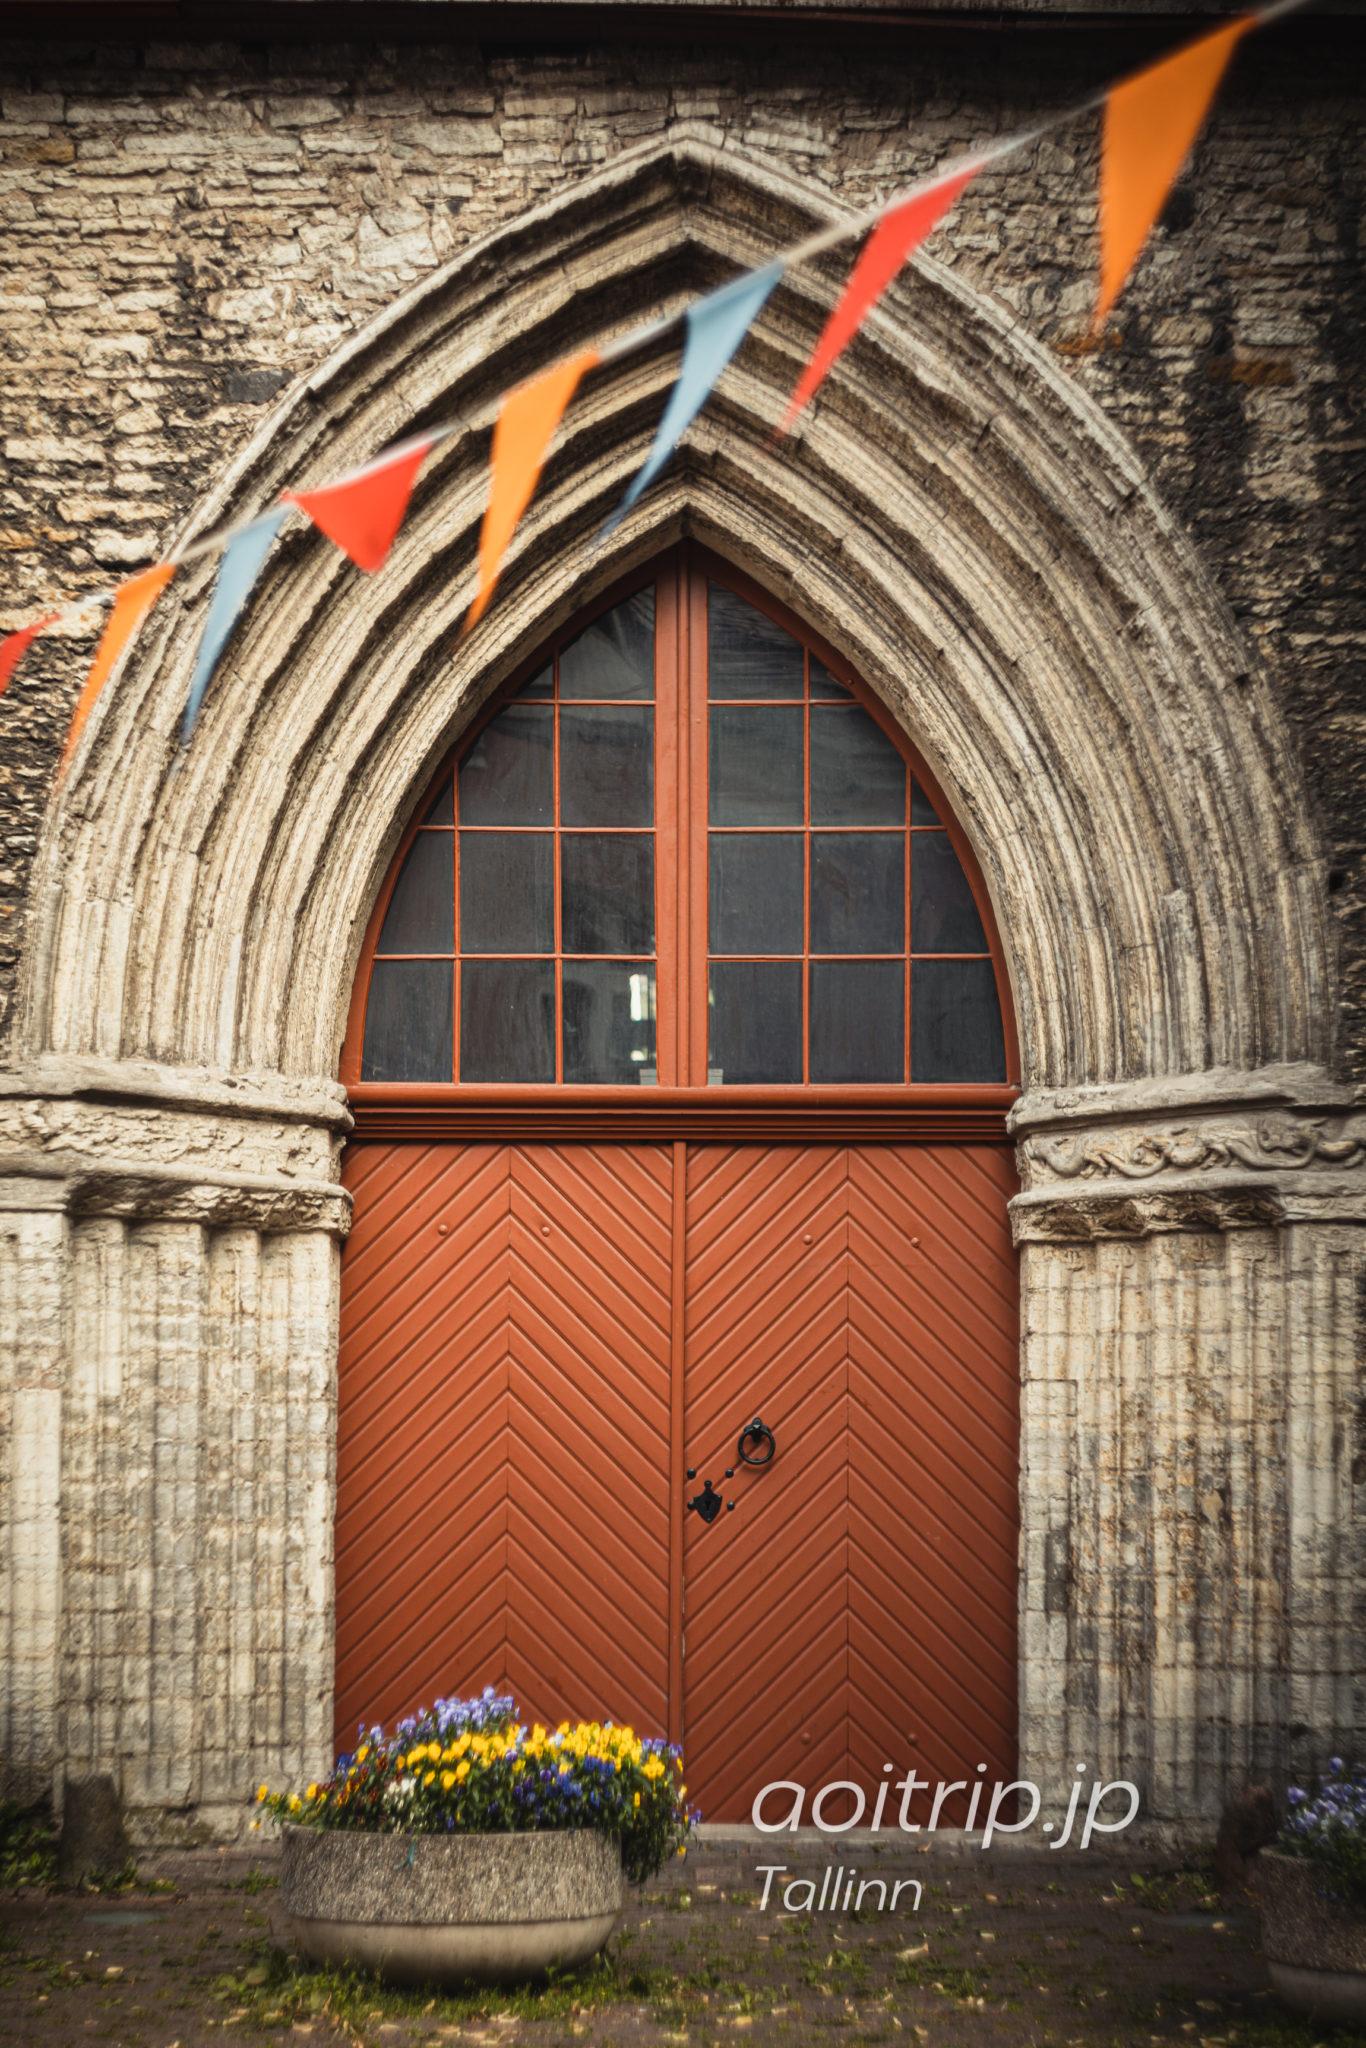 タリンの聖カタリーナ教会